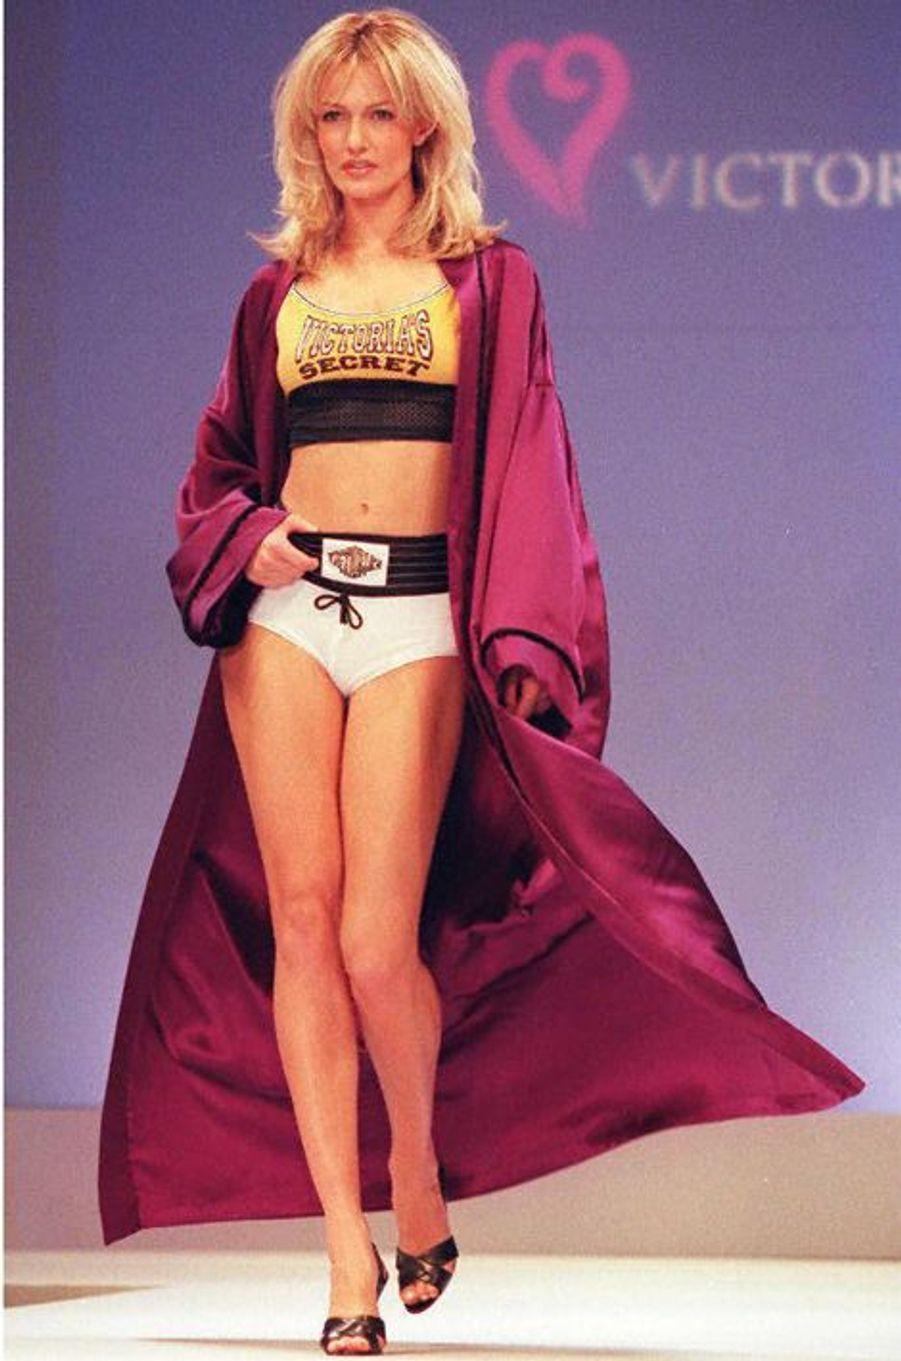 Le défilé de la marque Victoria's Secret en 1997 à New York (Karen Mulder).